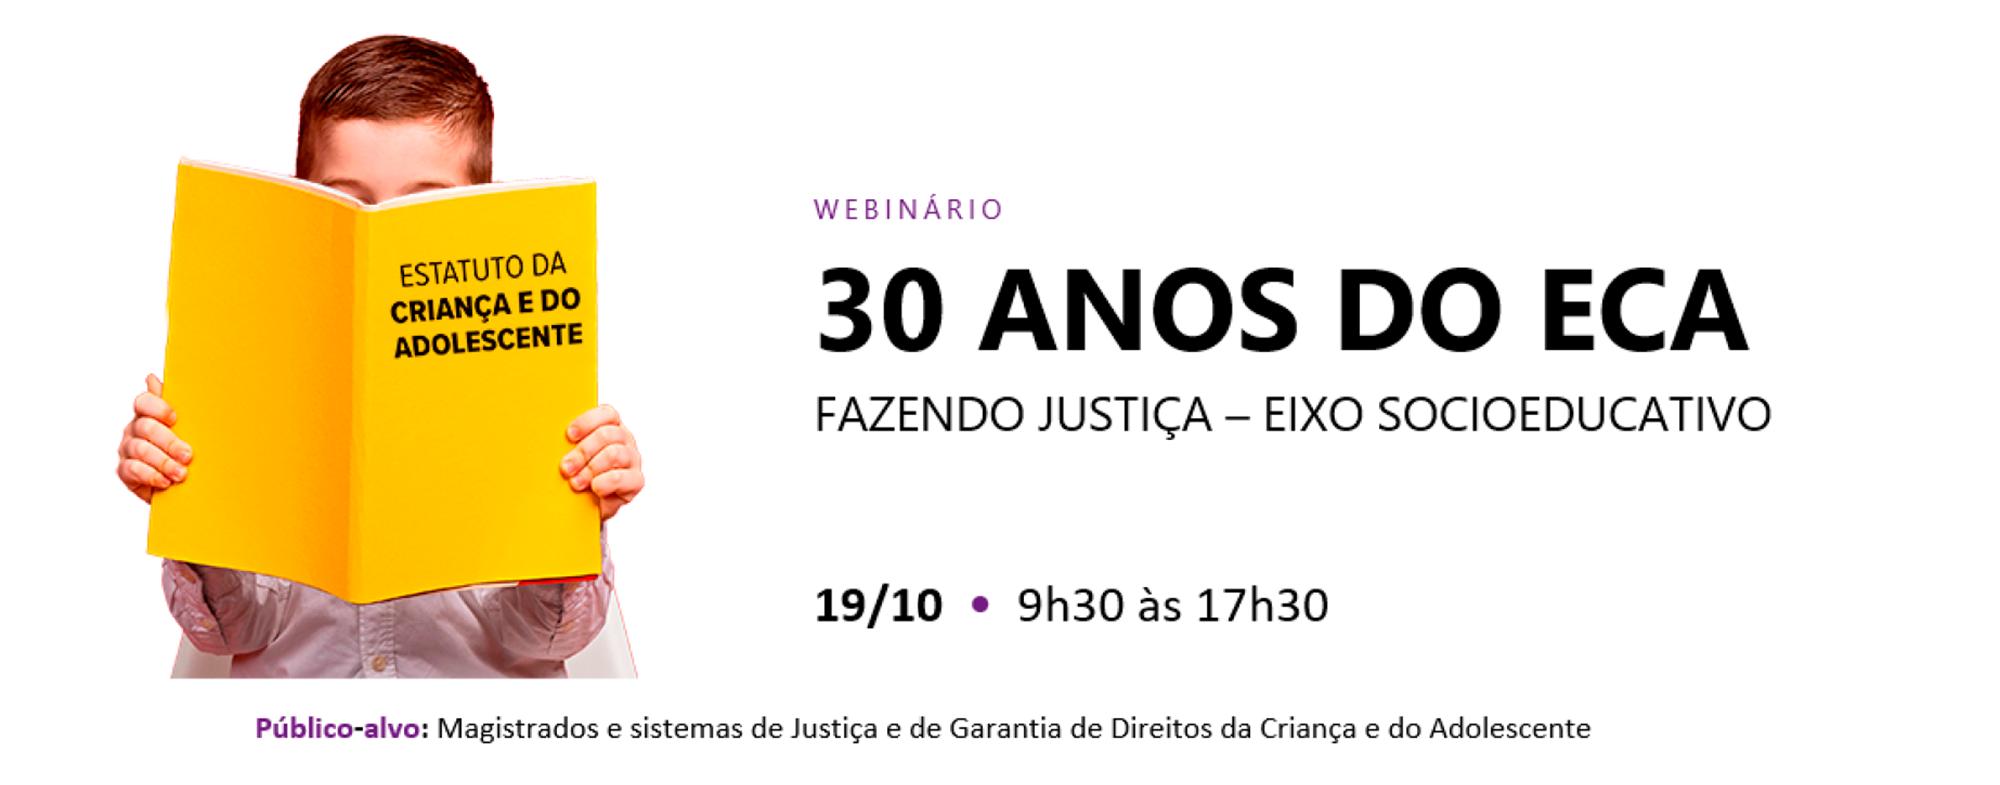 30 anos do ECA: Juiz gaúcho irá palestrar em evento do TJSP sobre infância e juventude